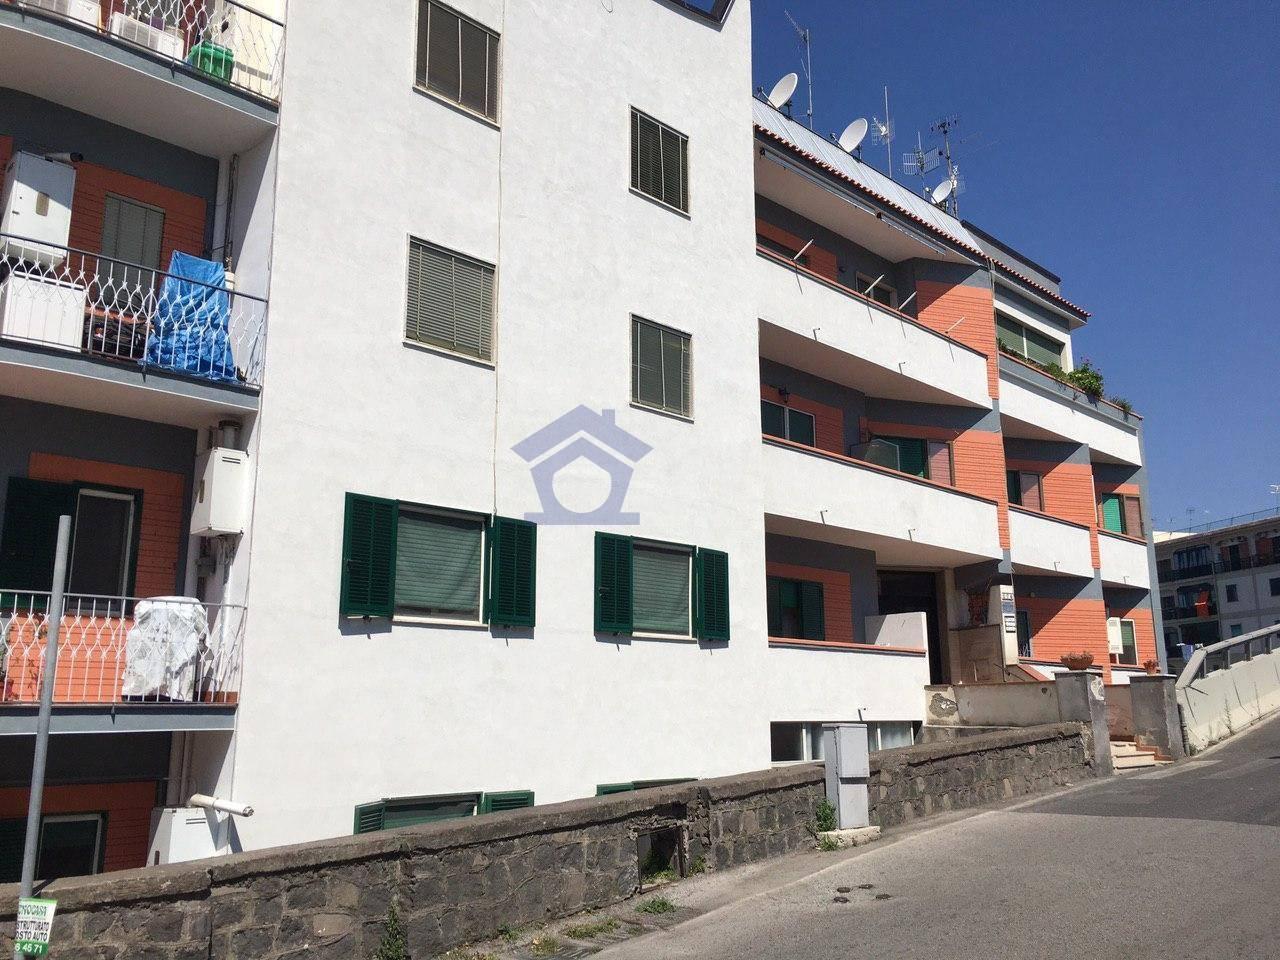 Appartamento in vendita a Trecase, 2 locali, zona Località: trecase, prezzo € 160.000 | CambioCasa.it